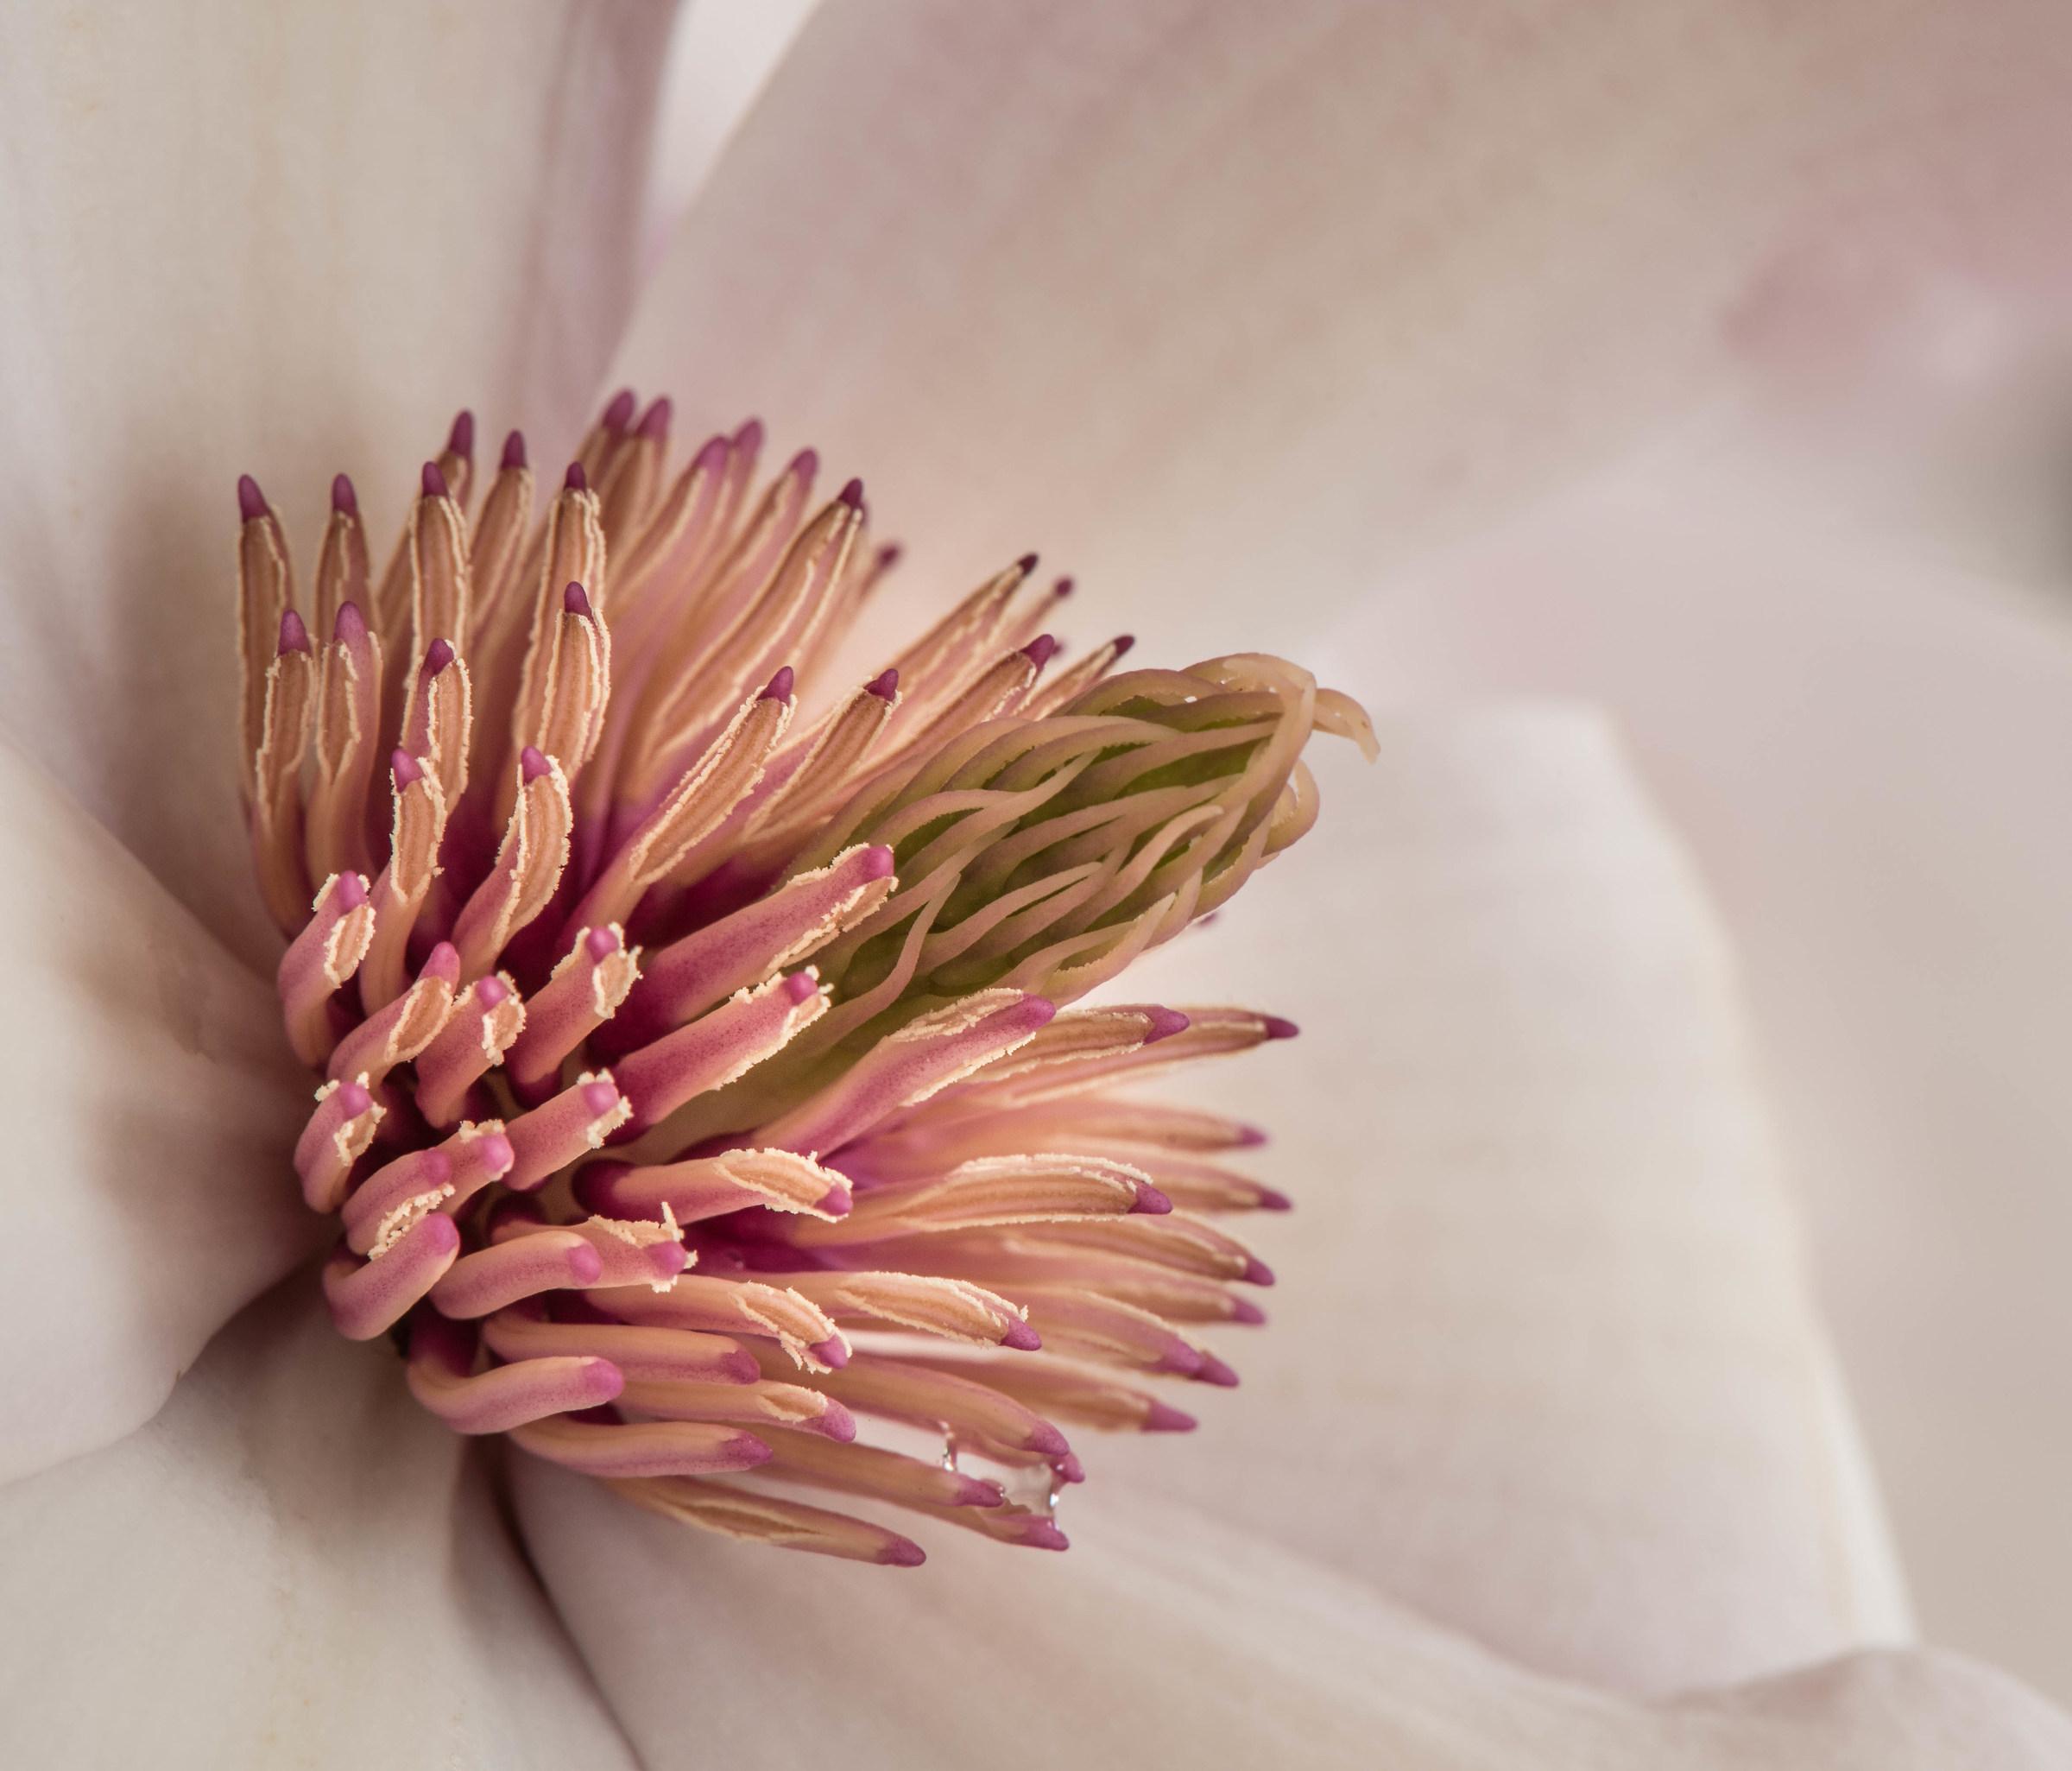 Magnolia flower interior detail....